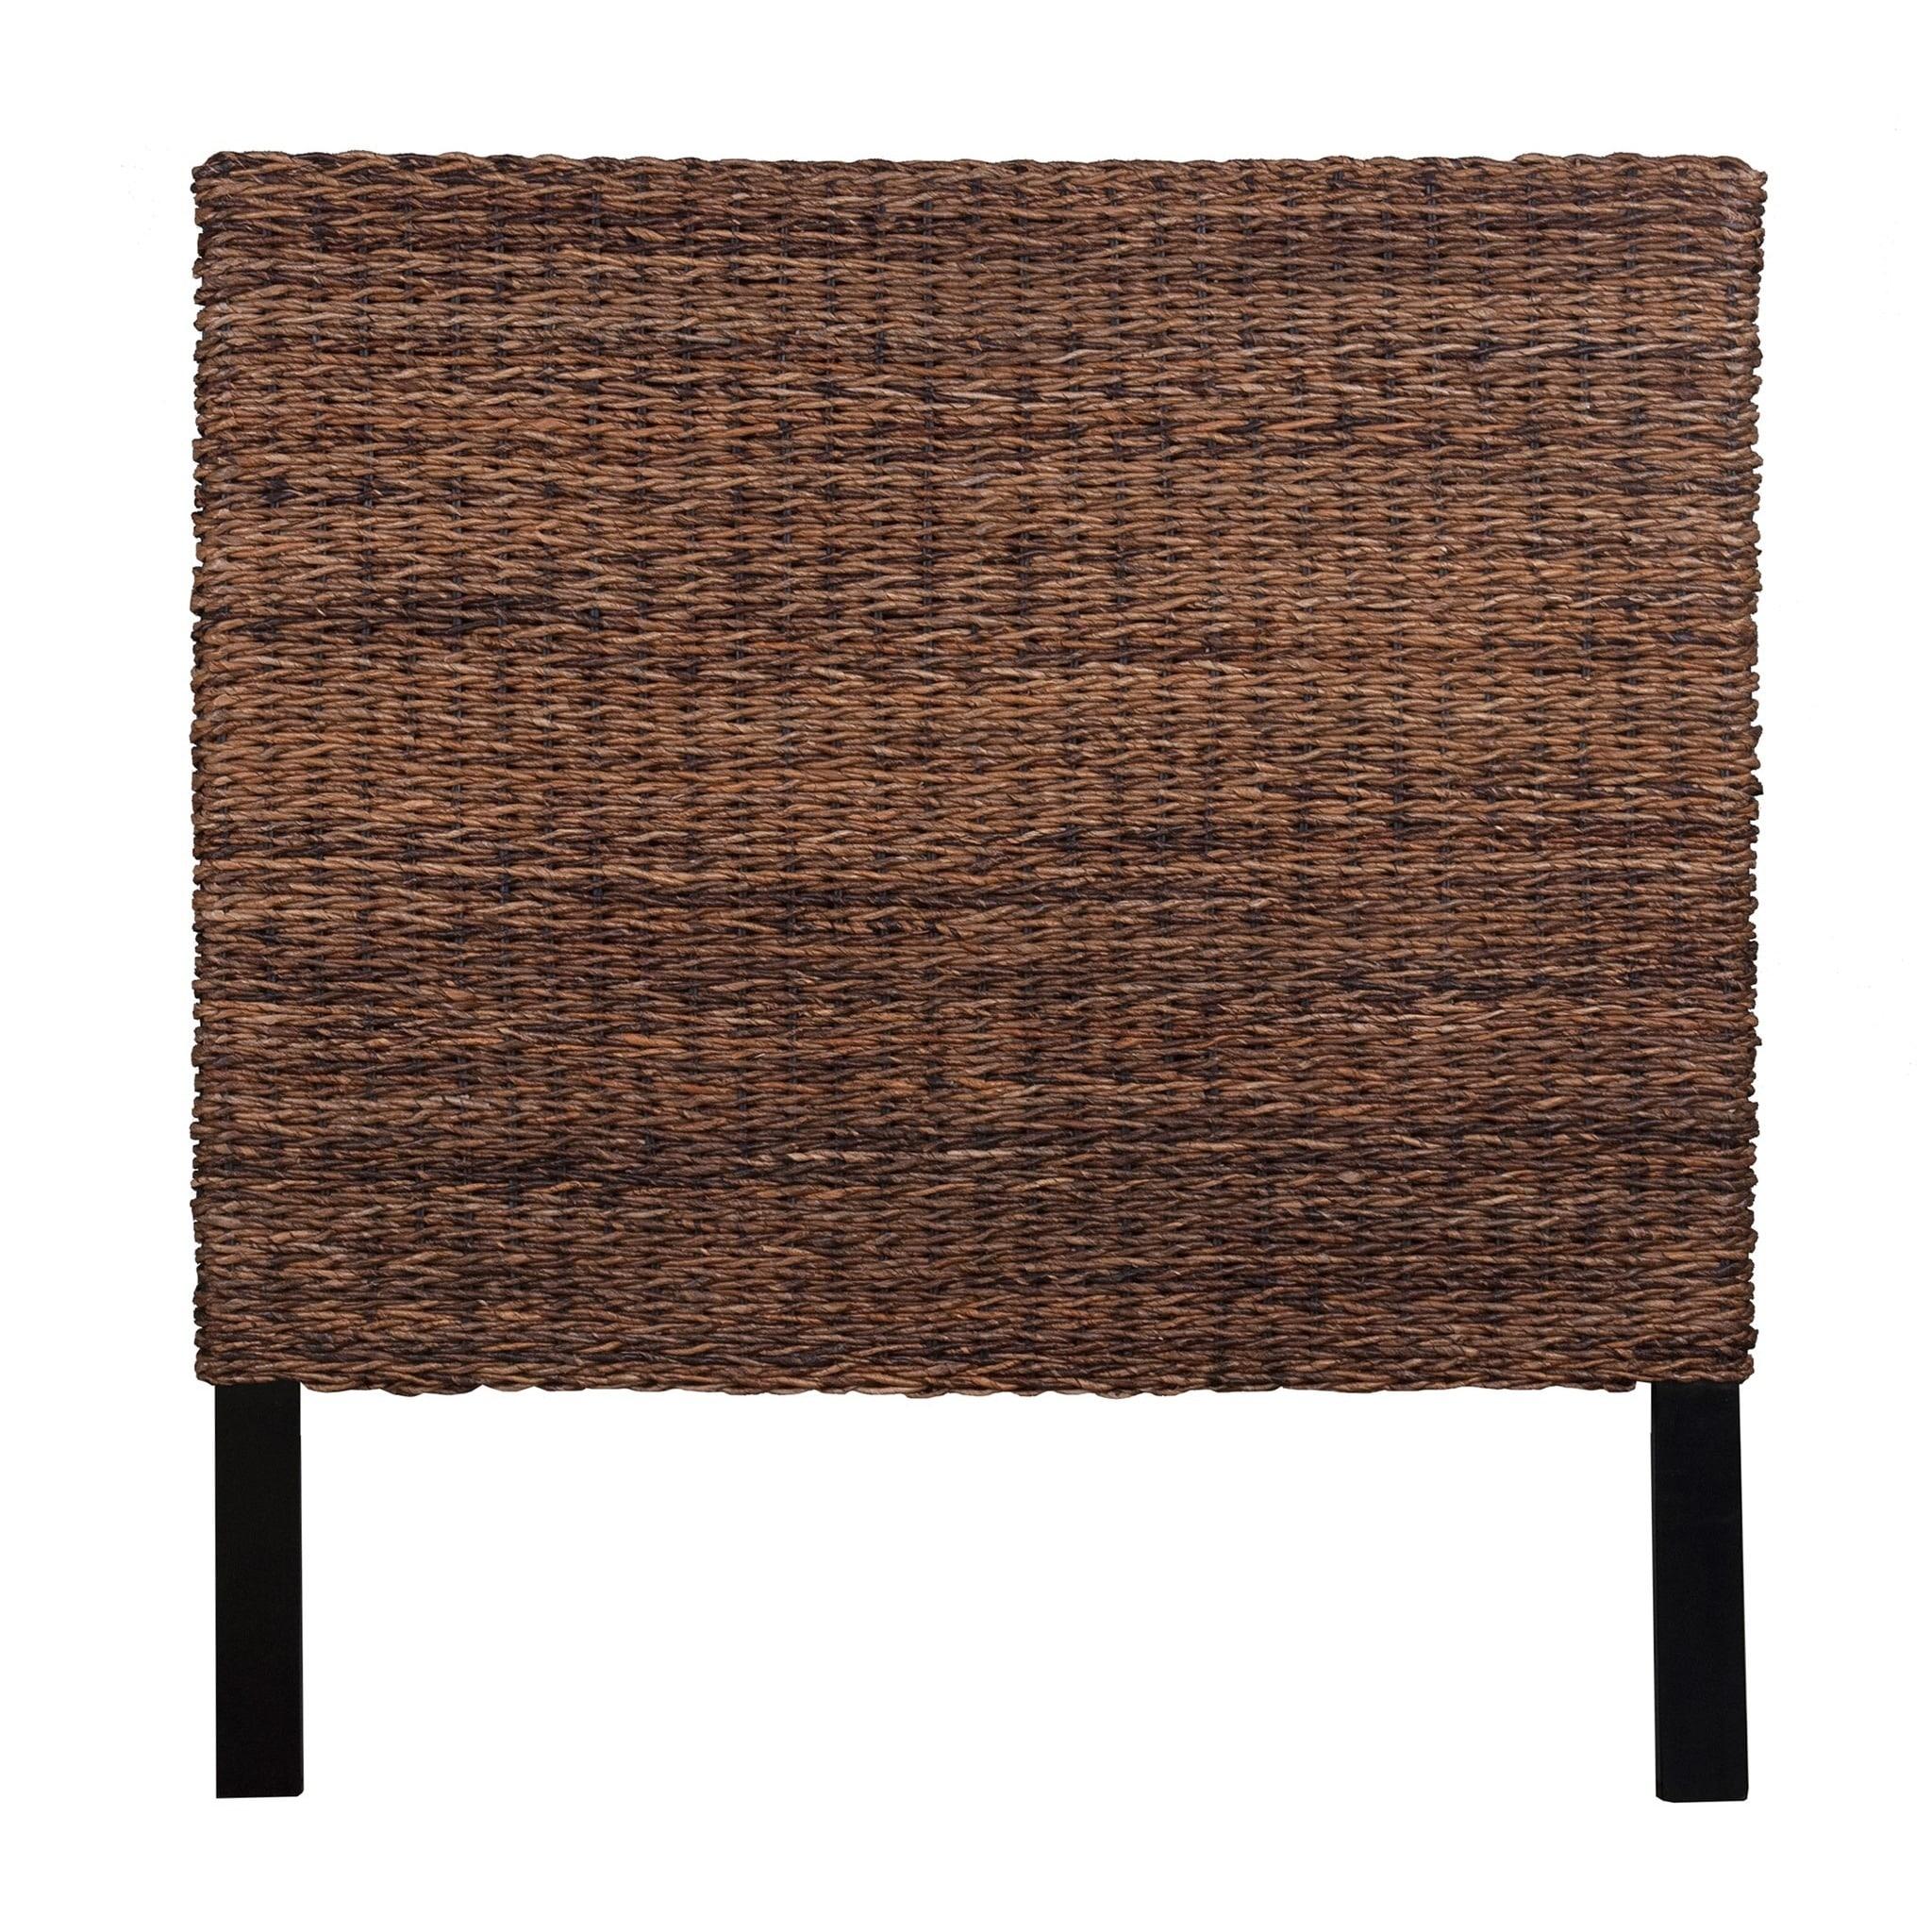 Jeffan Meticulously Woven Brown Abaca Weave Headboard (Ki...